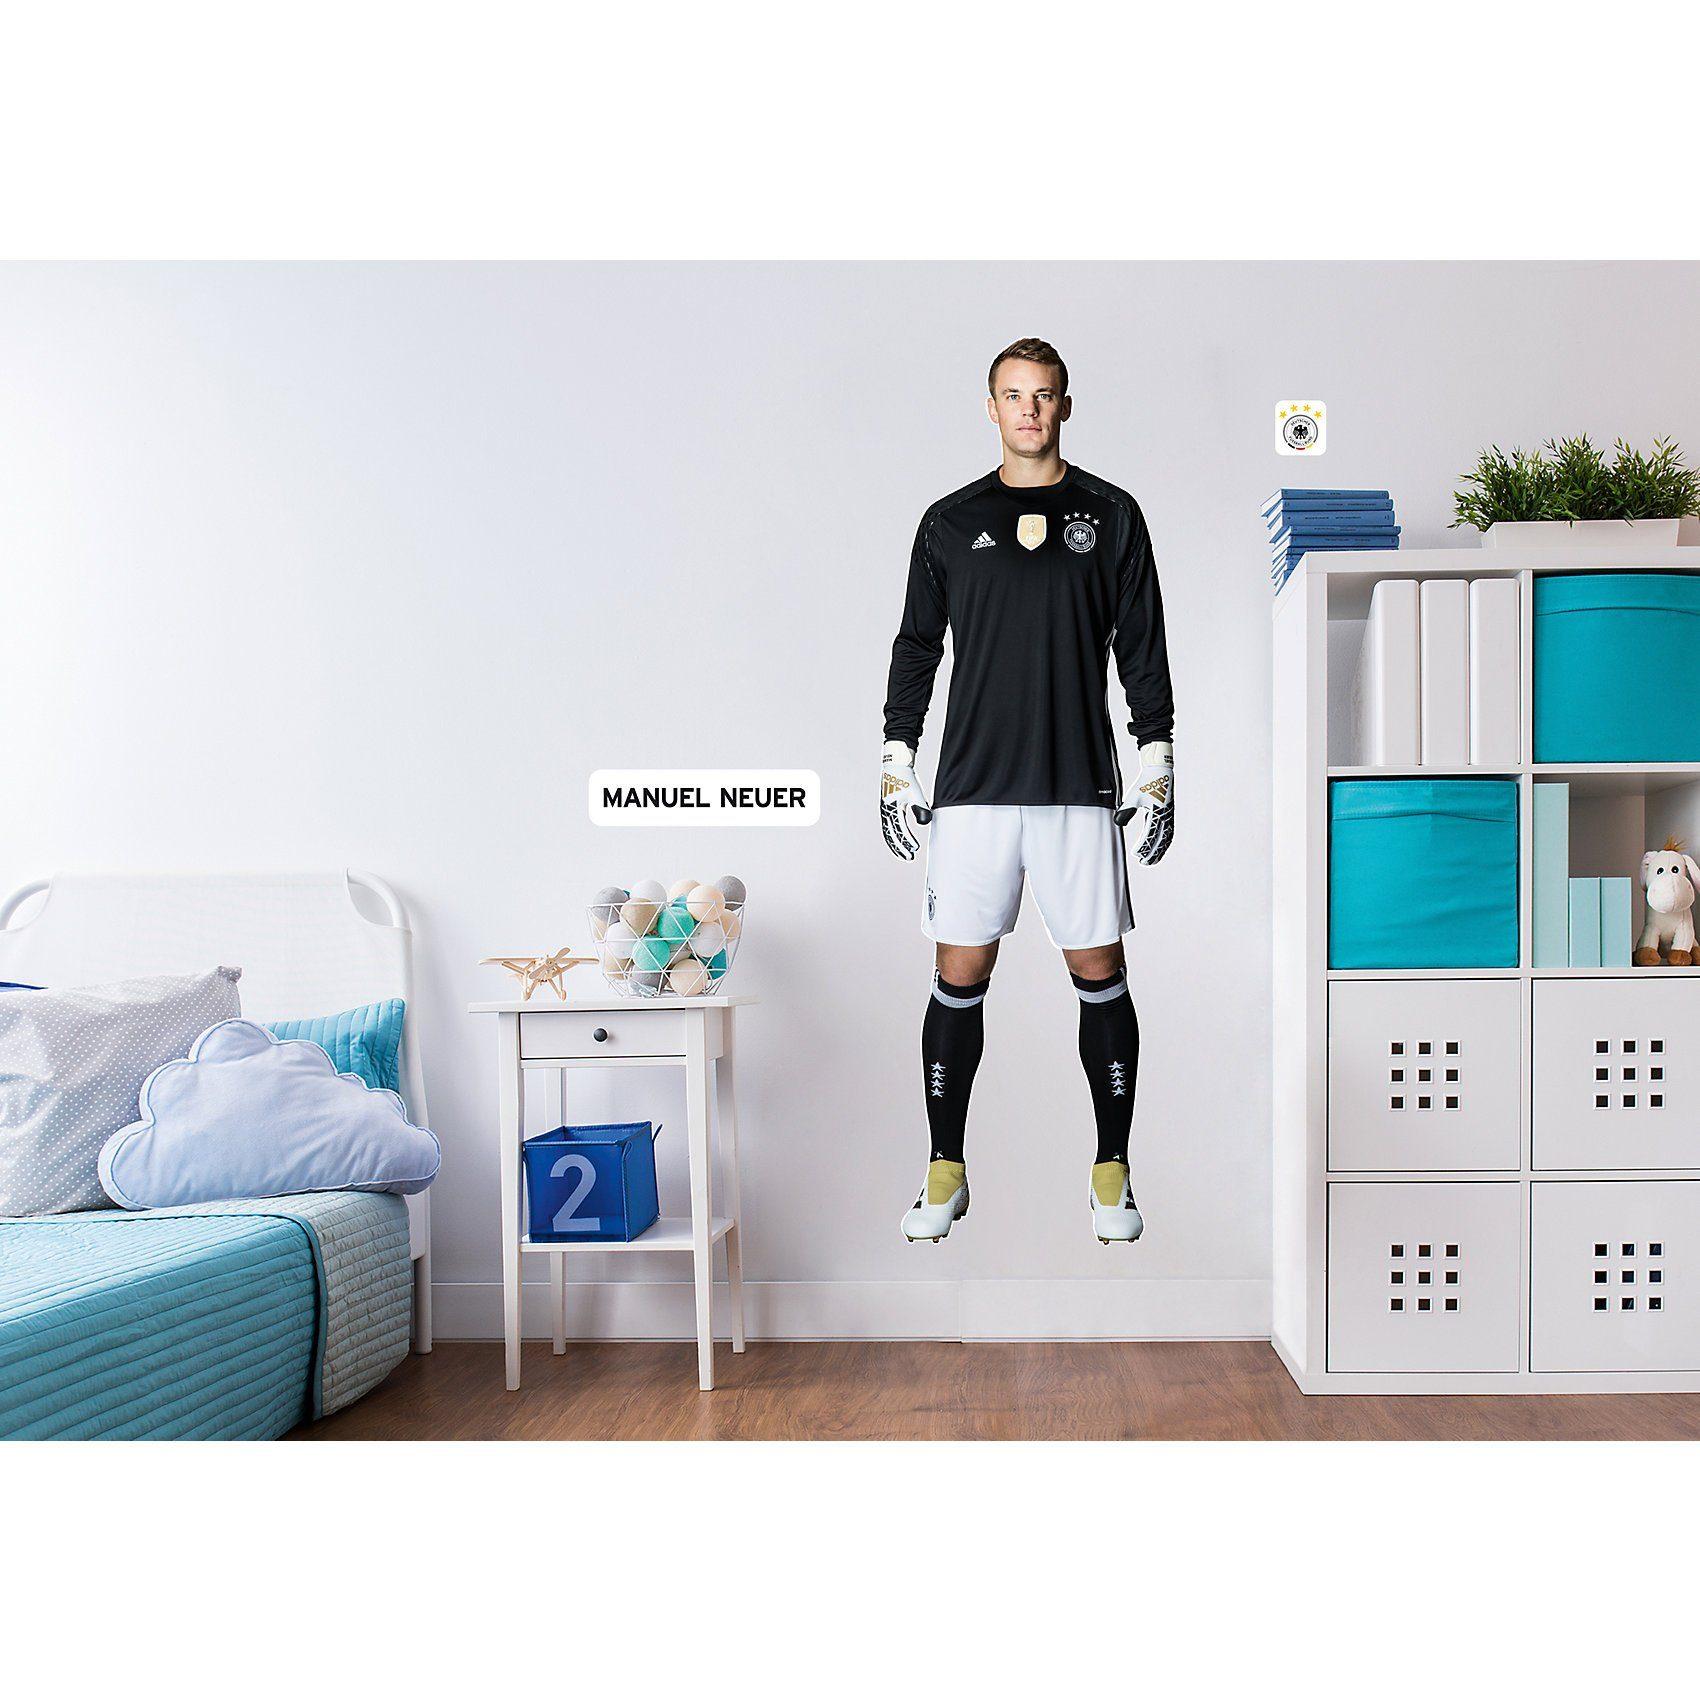 Wandsticker Manuel Neuer, selbstklebend, 50,5 x 145 cm